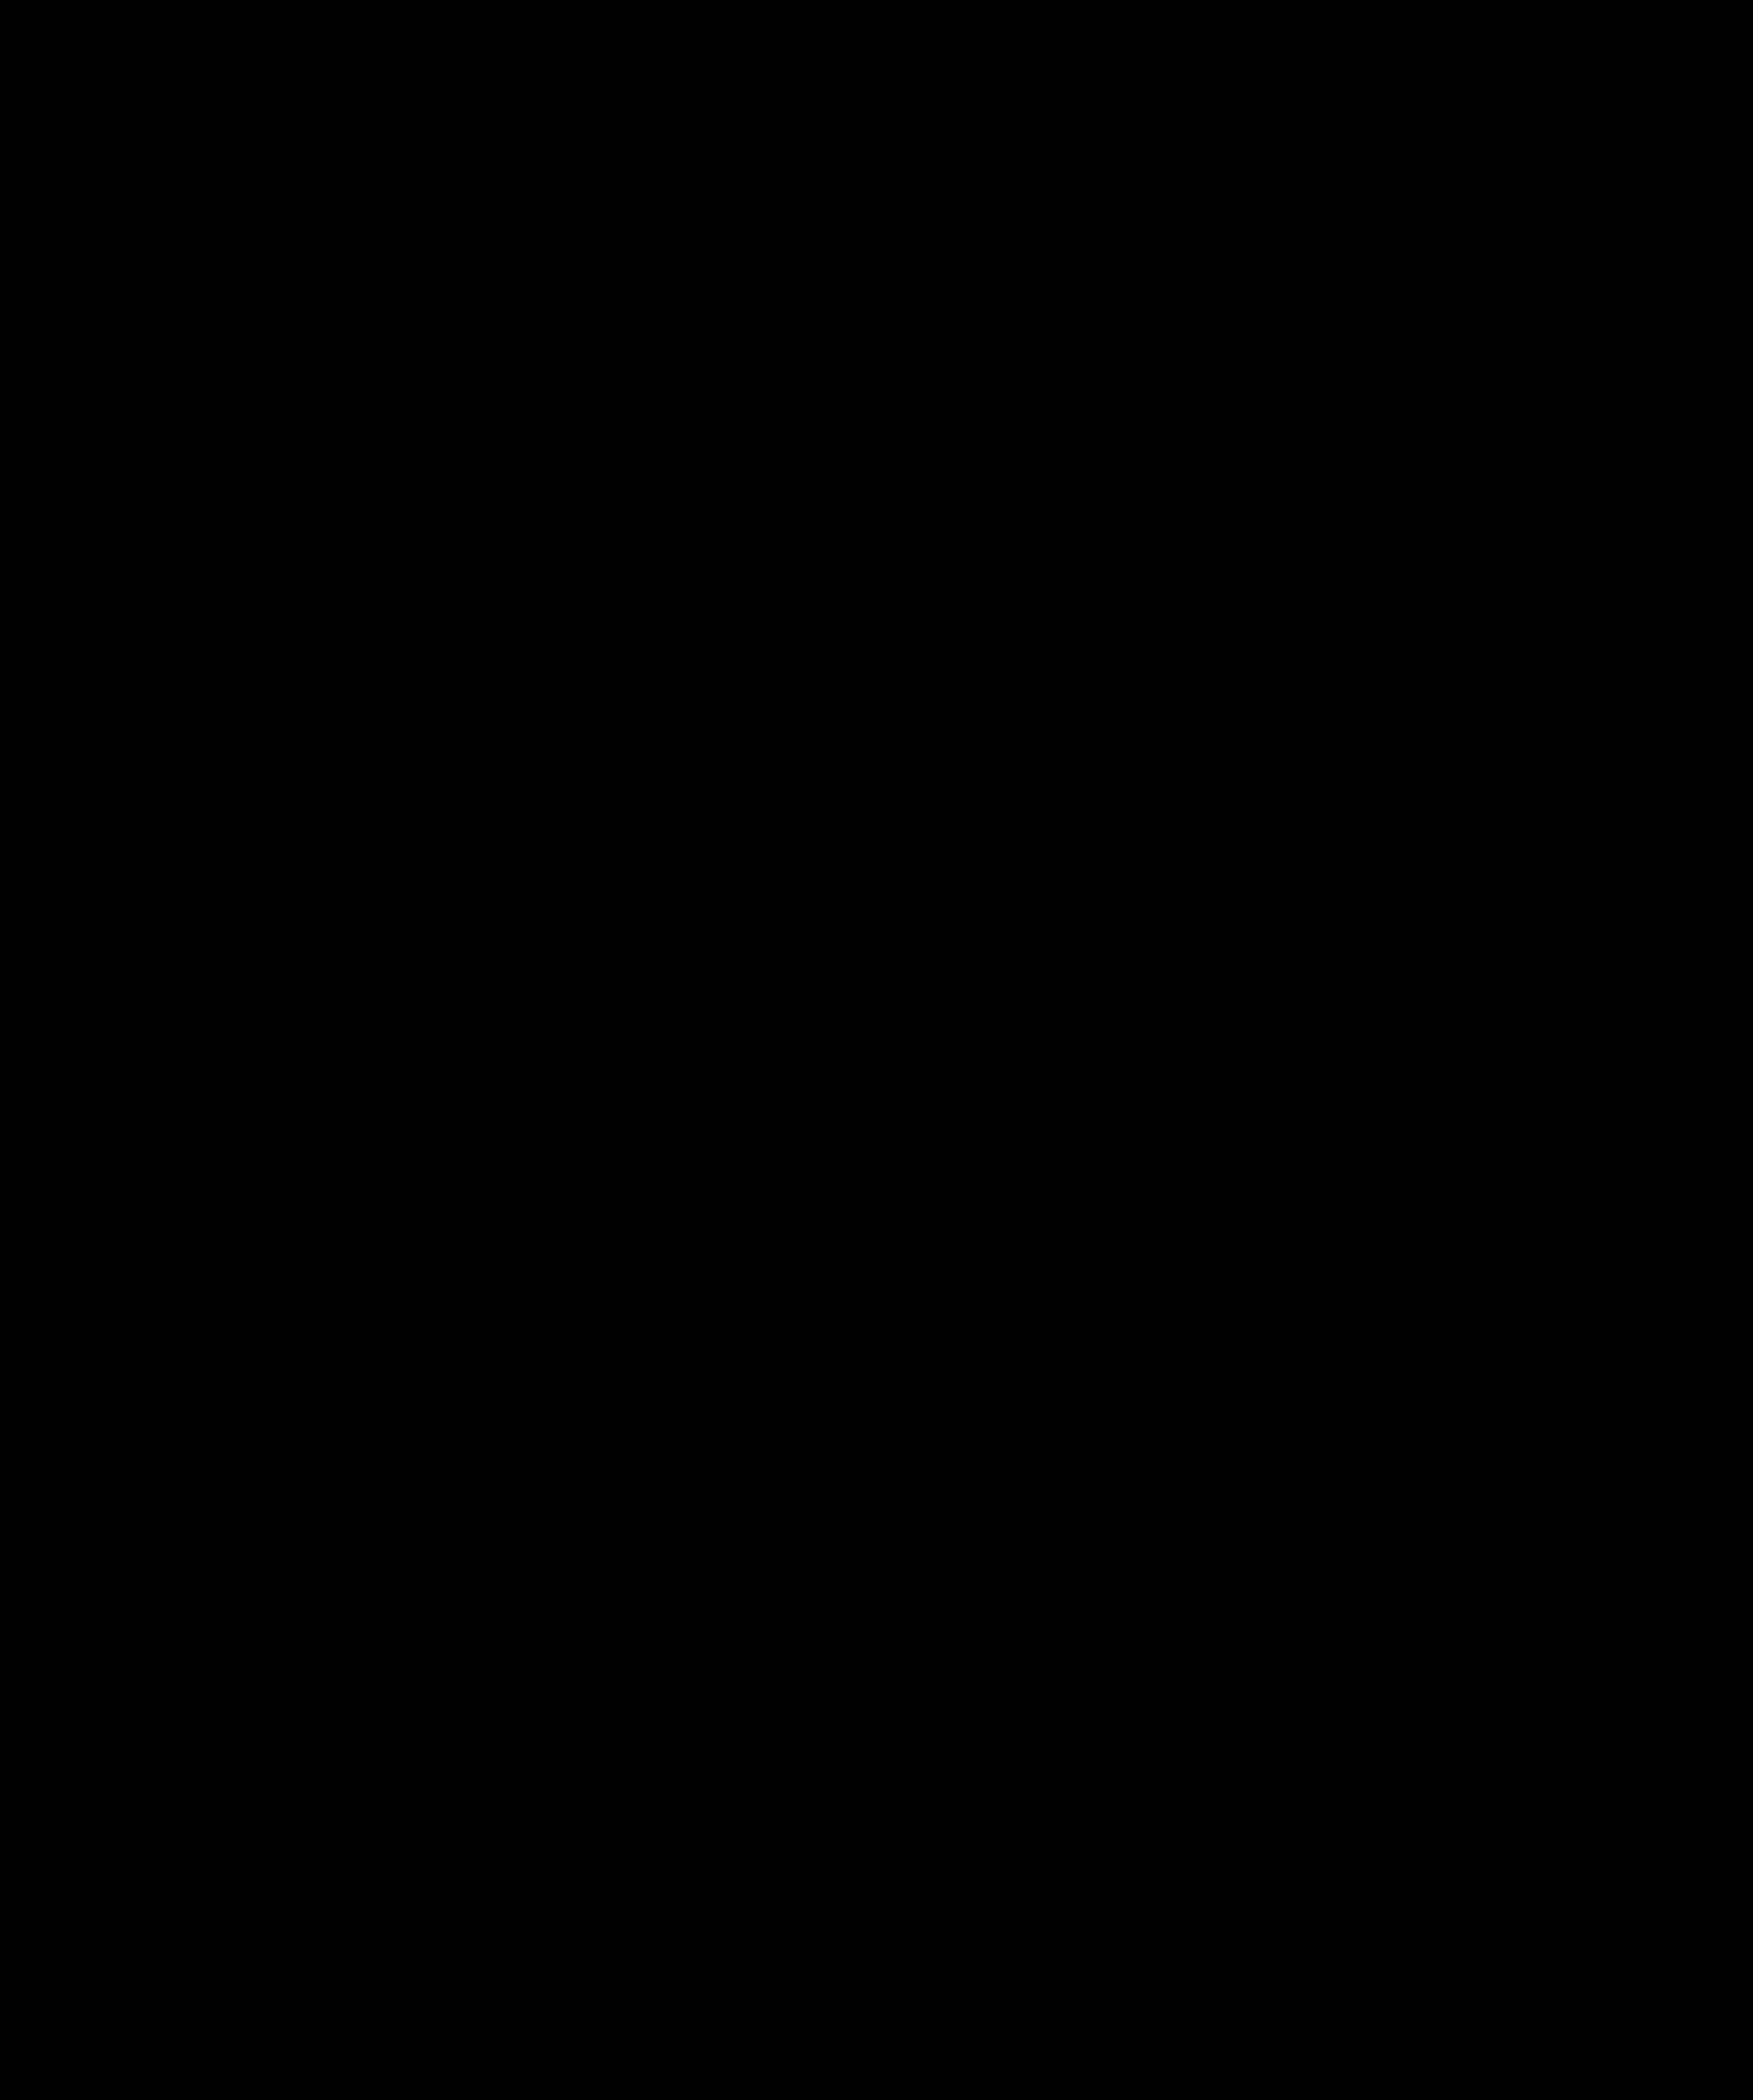 black-apple-logo-png.png